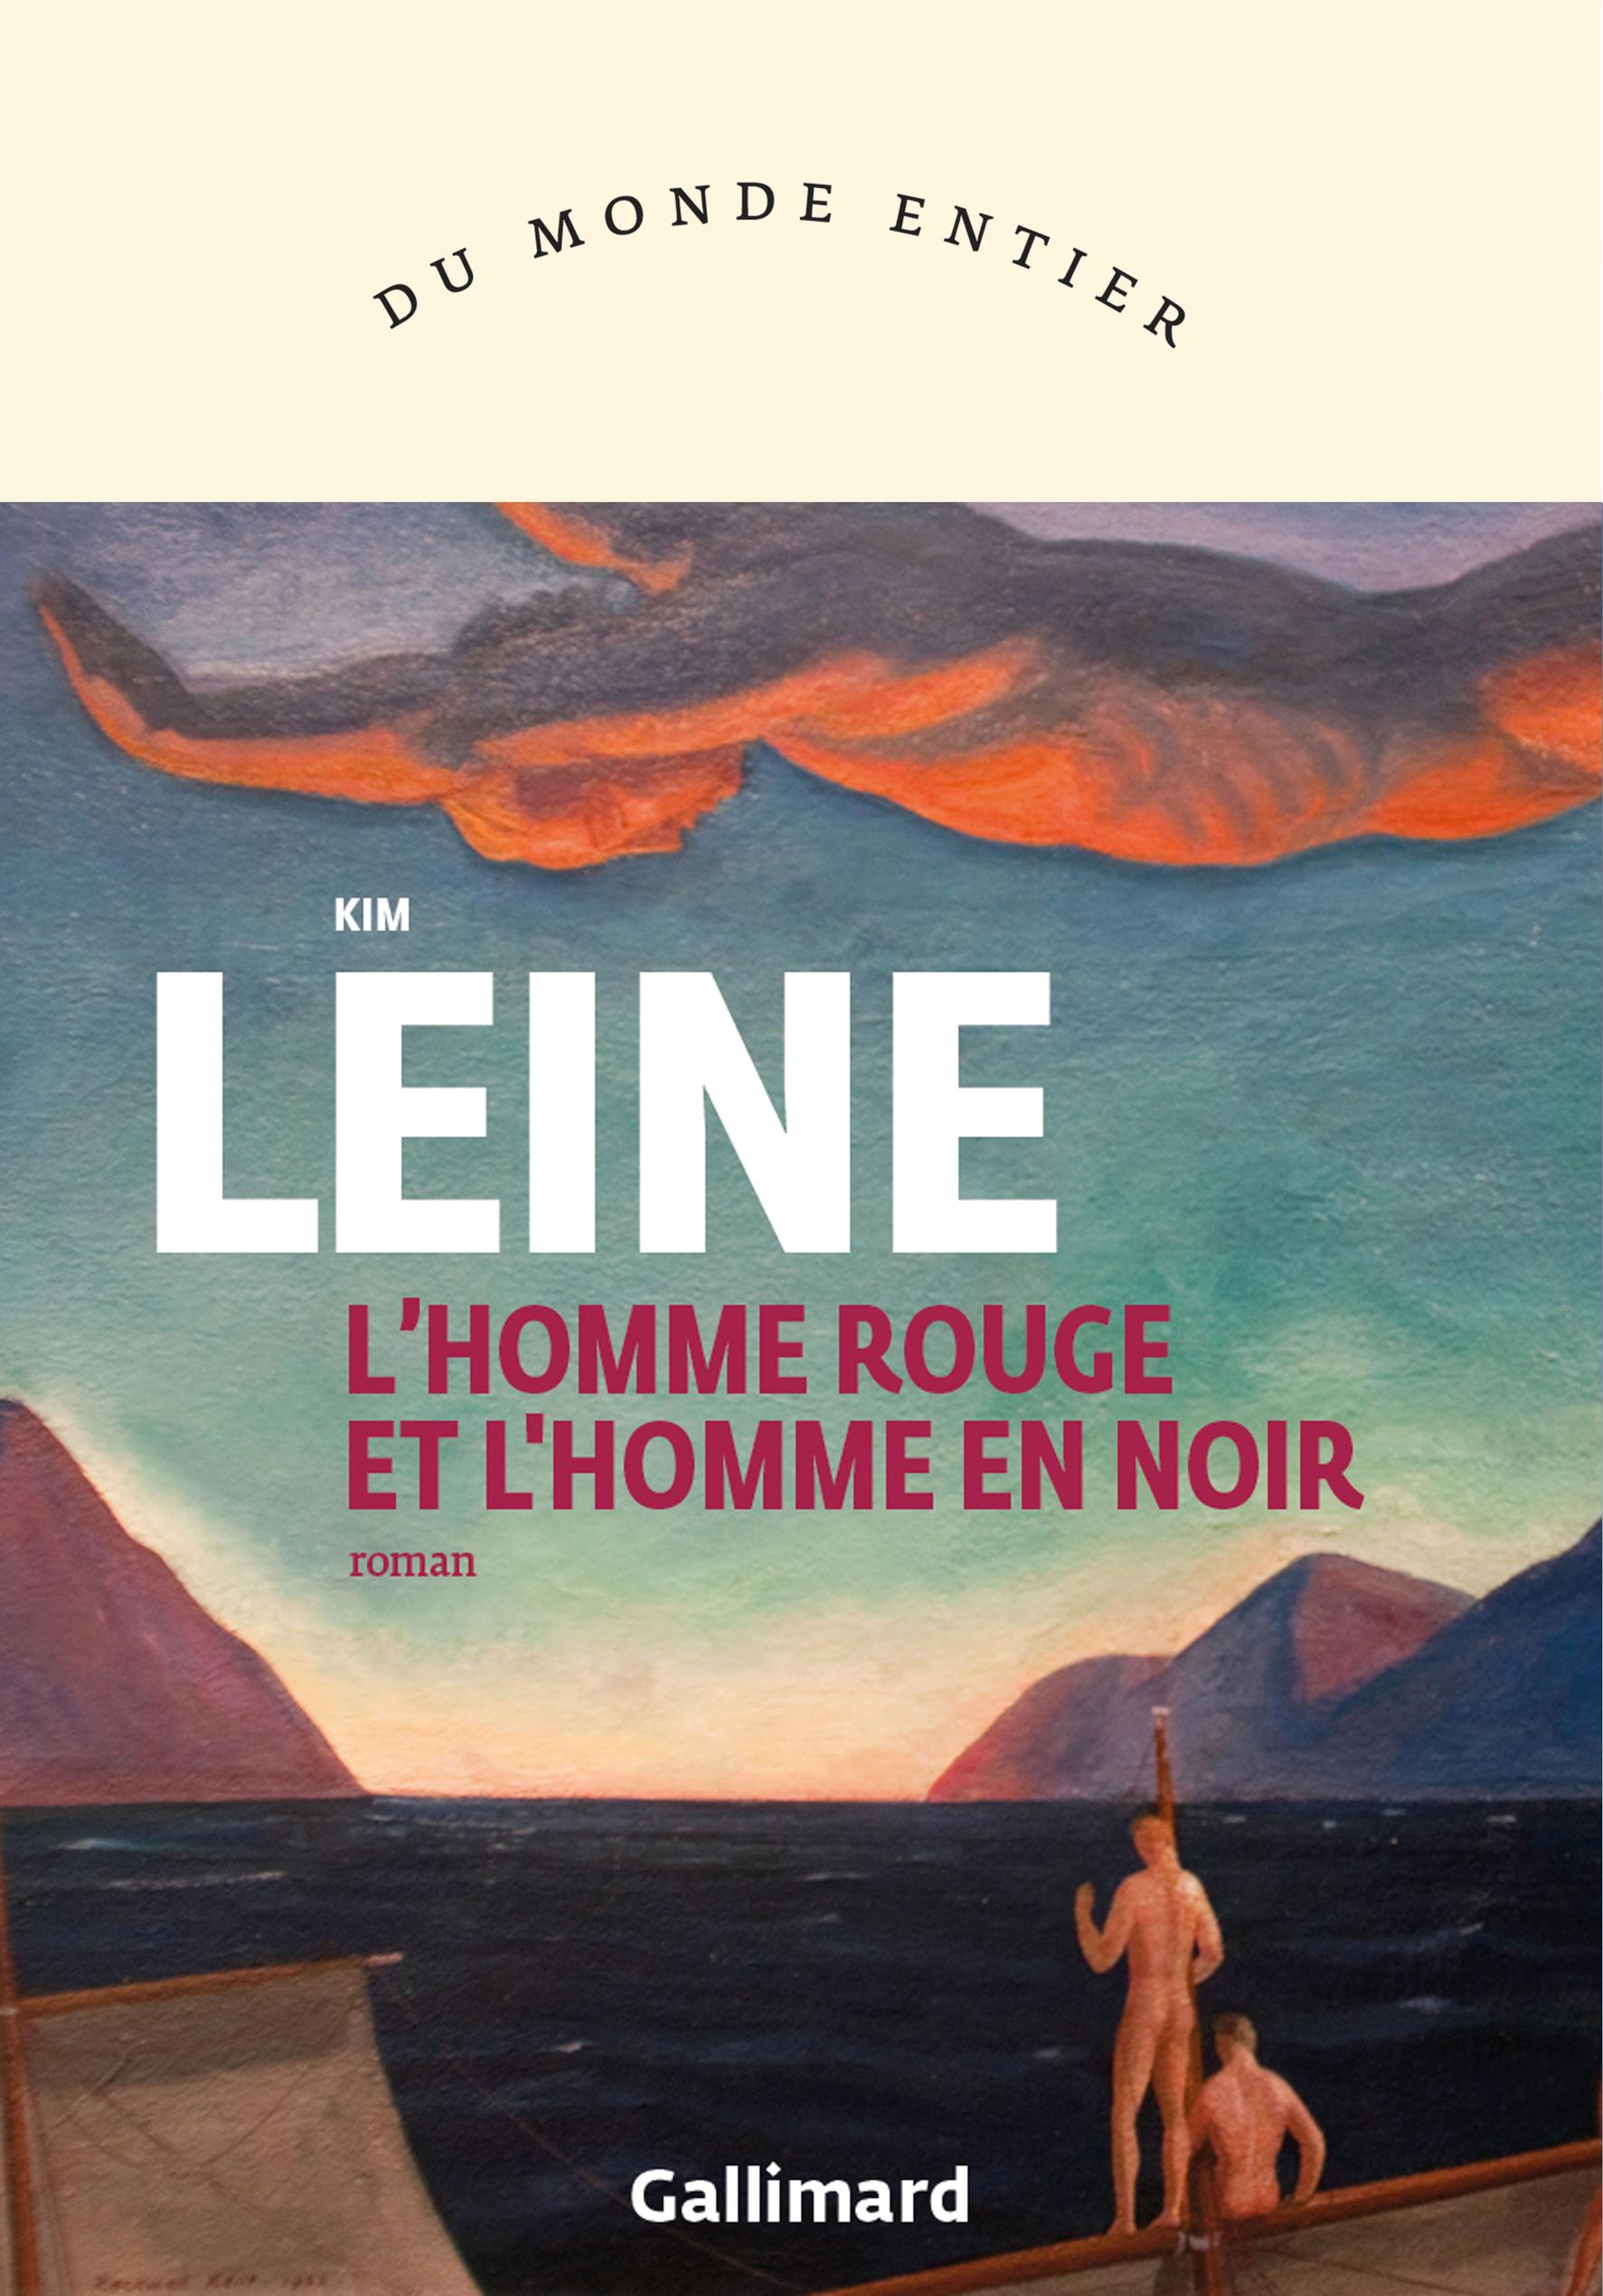 L'HOMME ROUGE ET L'HOMME EN NOIR